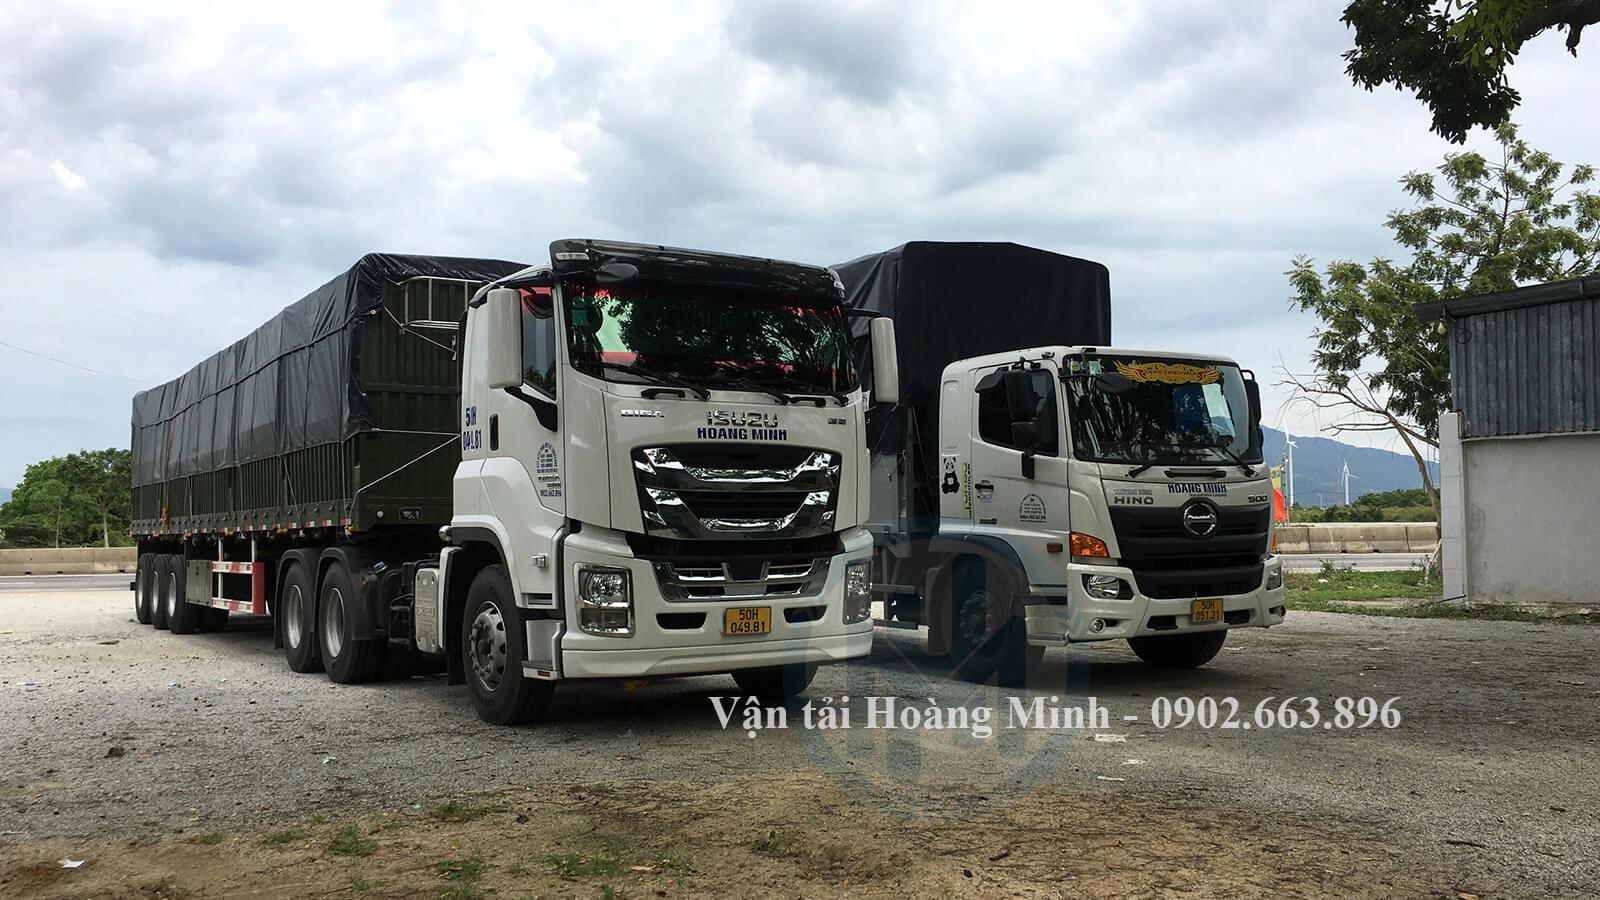 Dịch vụ xe tải vận chuyển hàng đi tỉnh